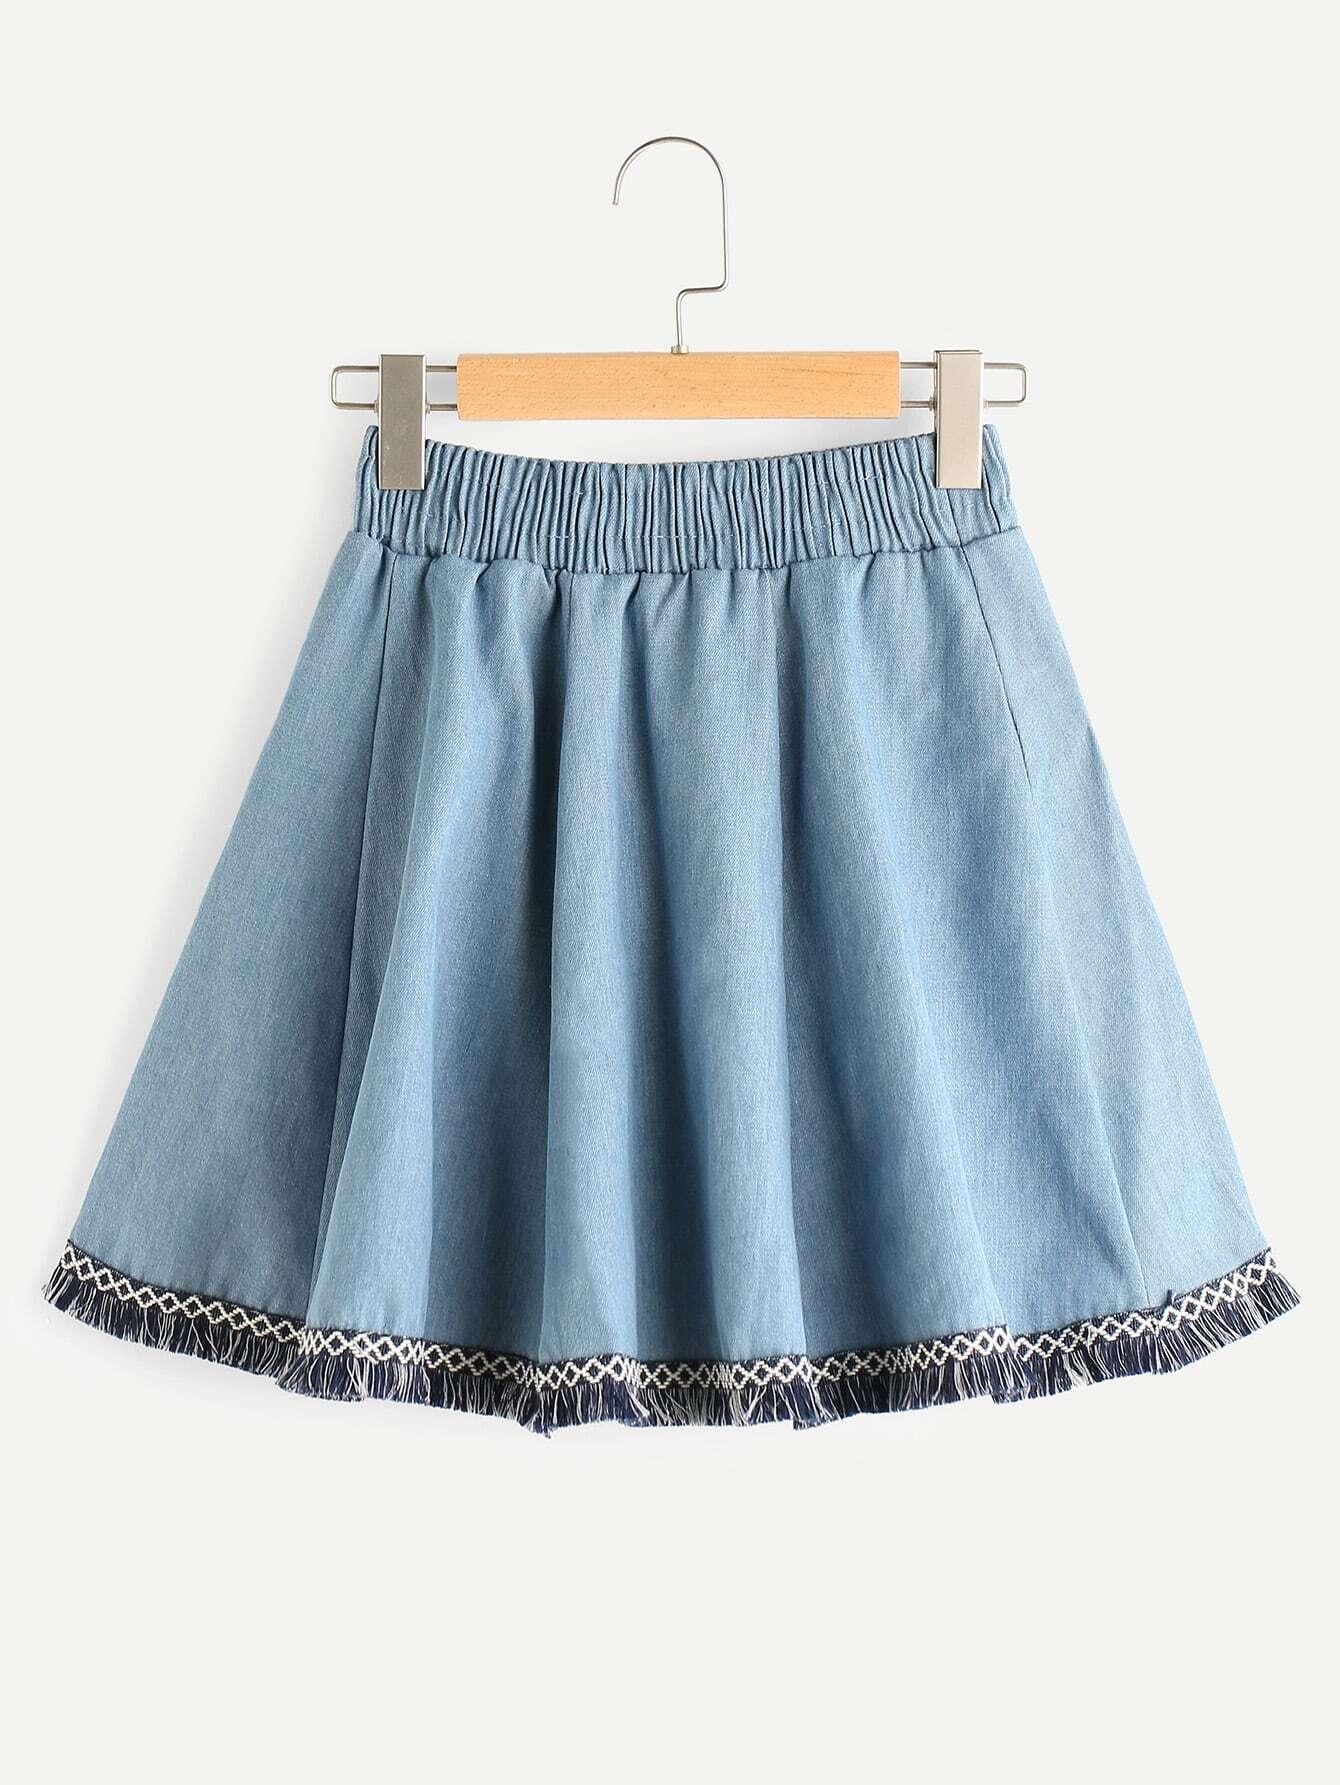 Embroidered Tape Detail Fringe Hem Denim Skirt